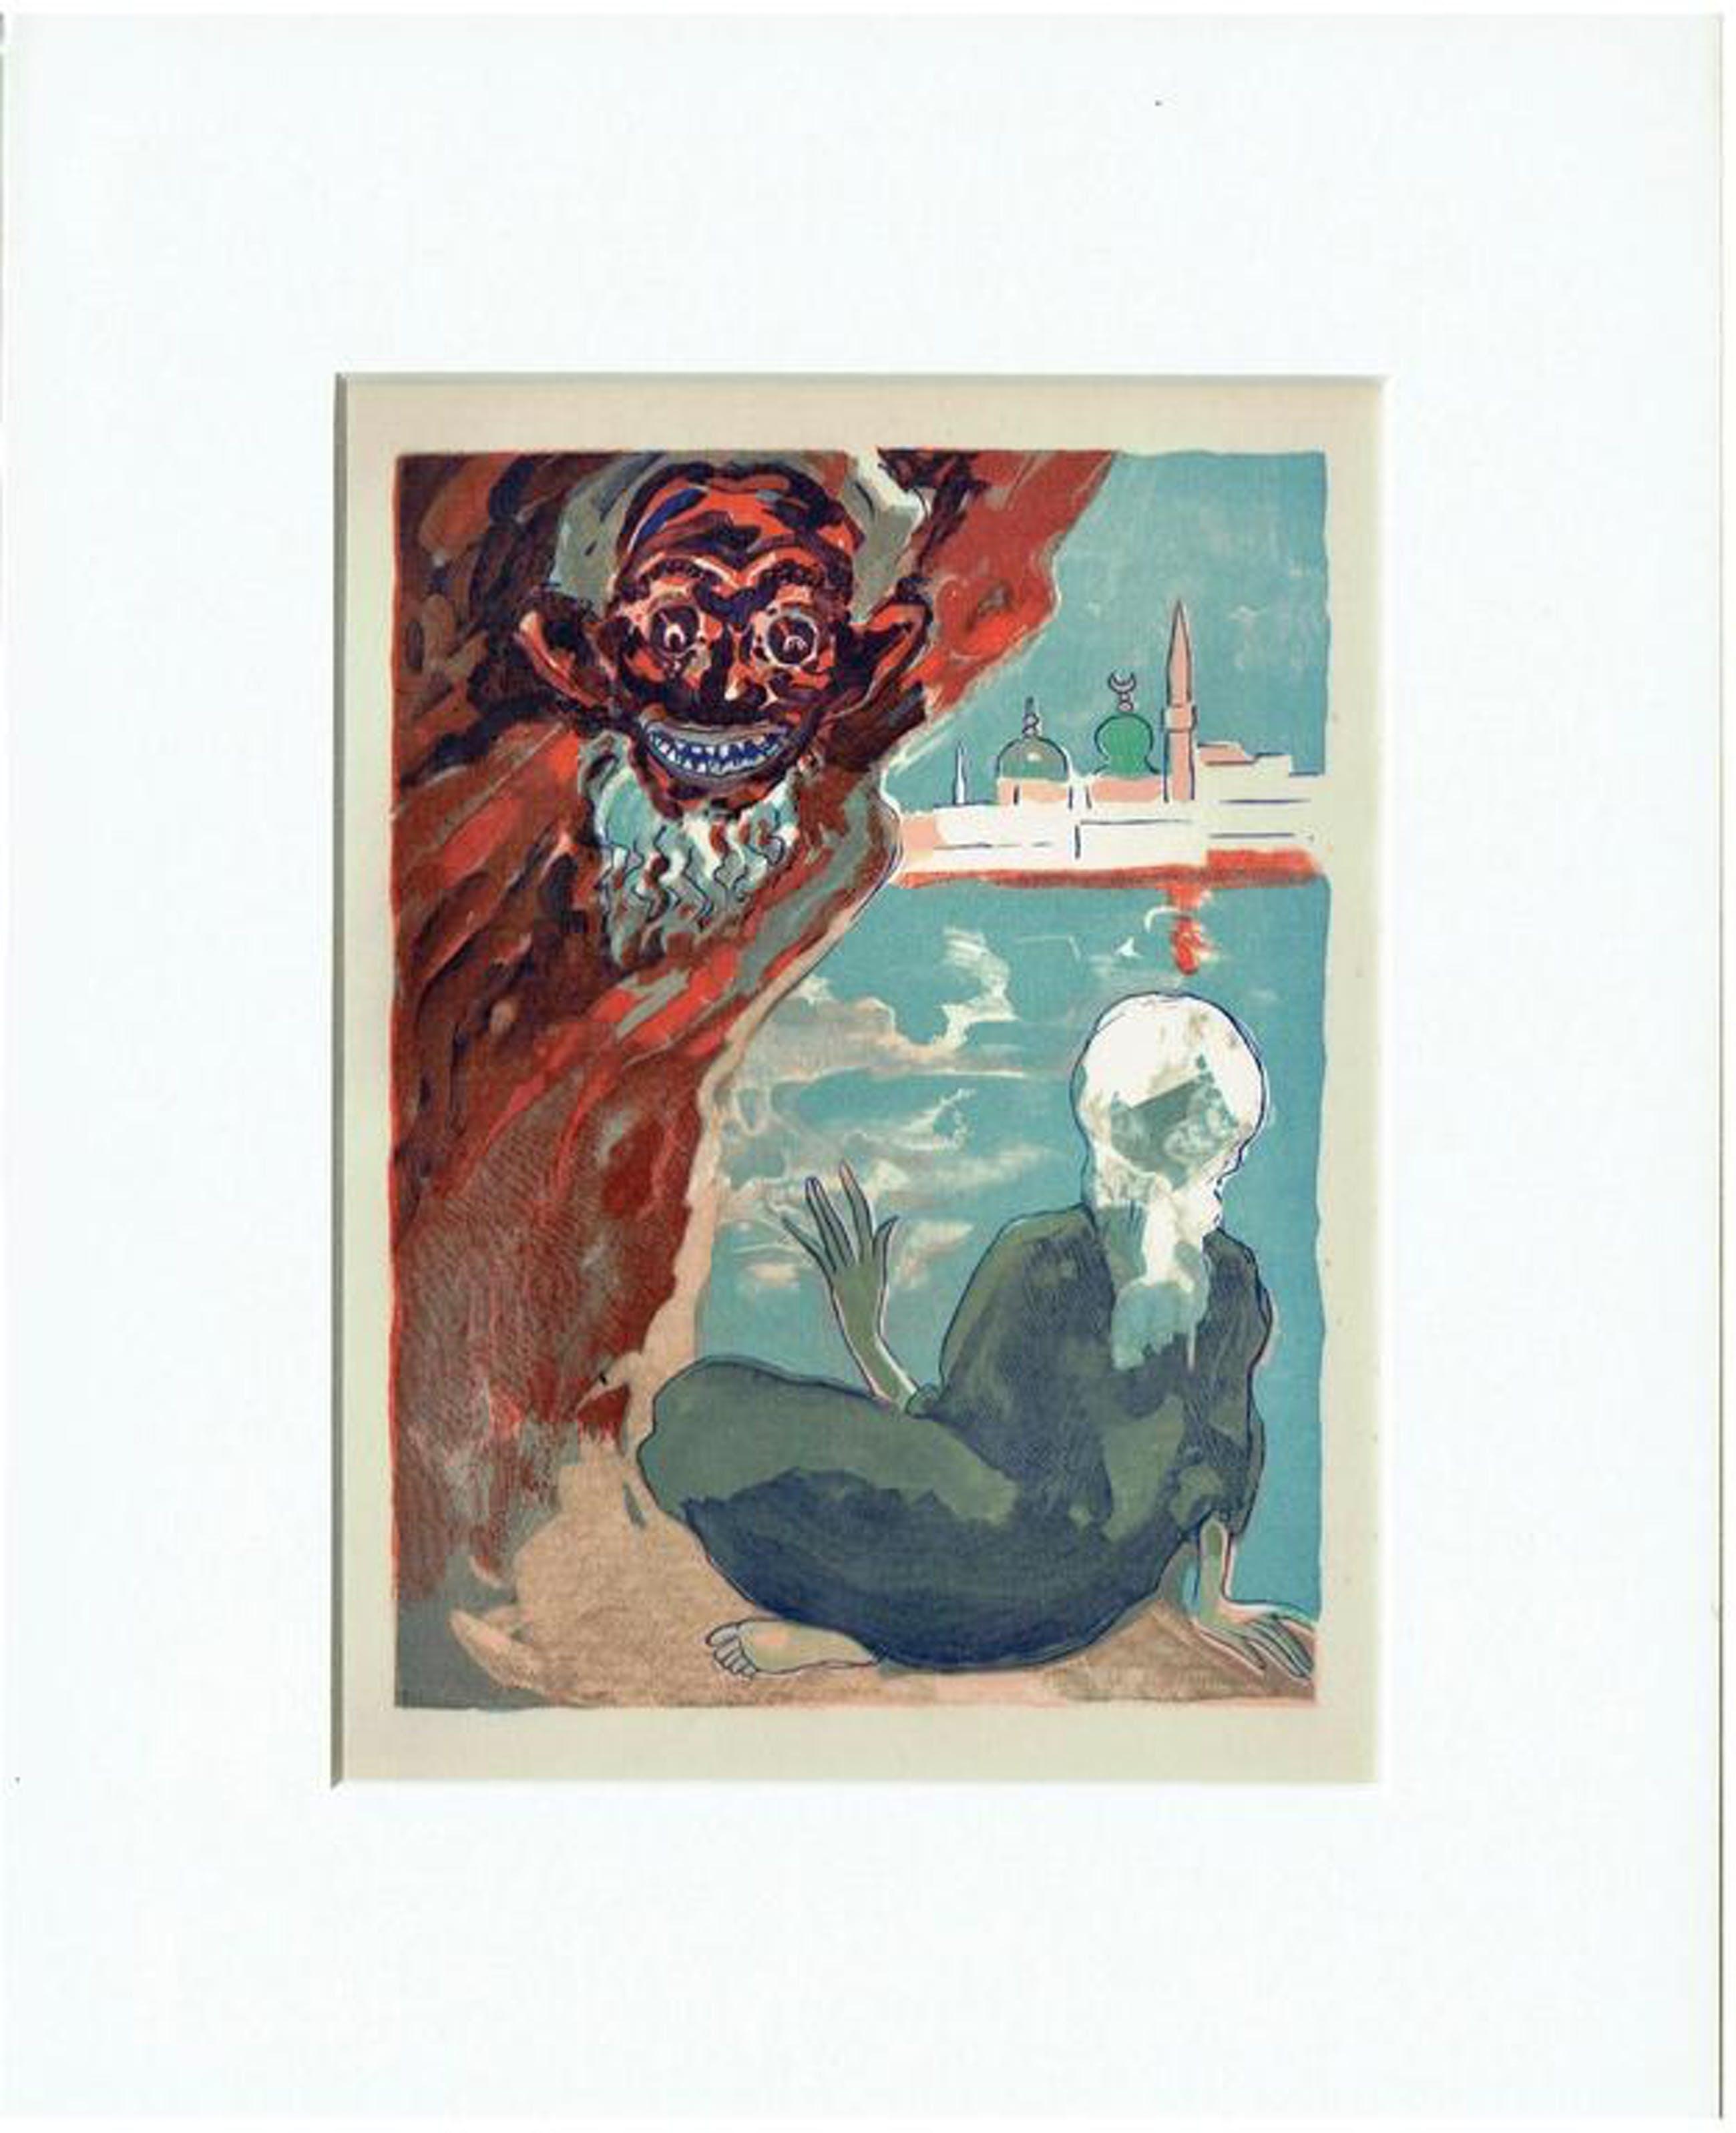 Kees van Dongen - Houtgravure- Aladdin et L'efrit noir kopen? Bied vanaf 1!